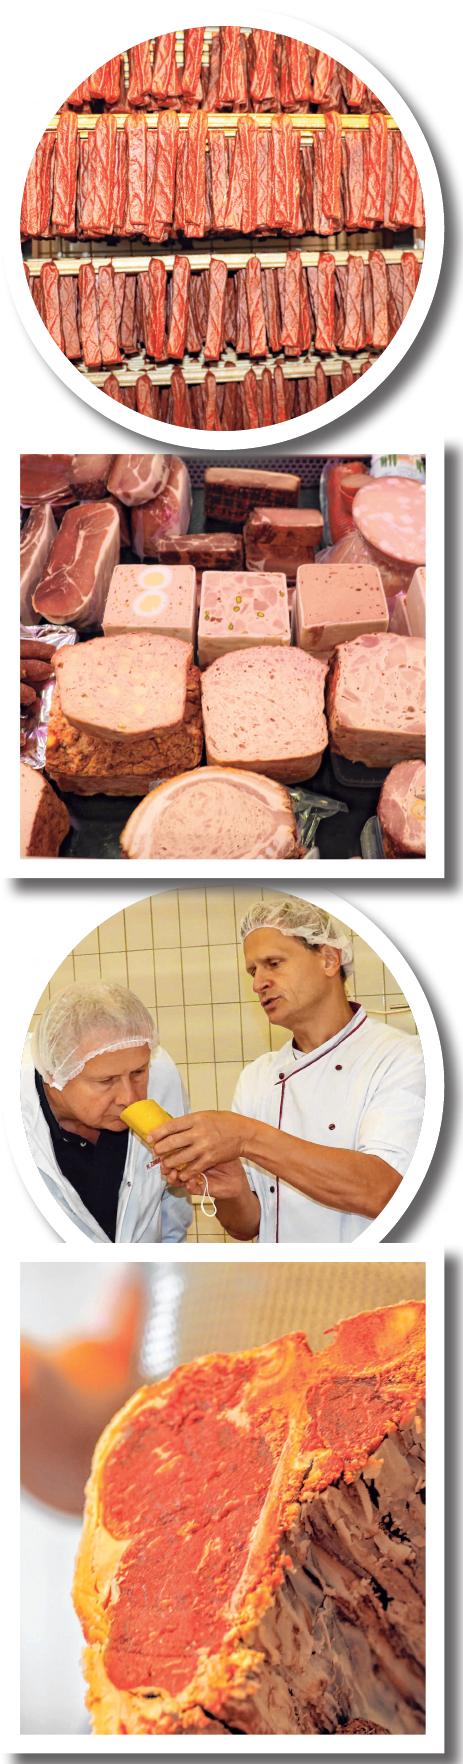 Impressionen der Vielseitigkeit des Metzger-Handwerks. FOTOS:INNUNGSBETRIEBE / LANER